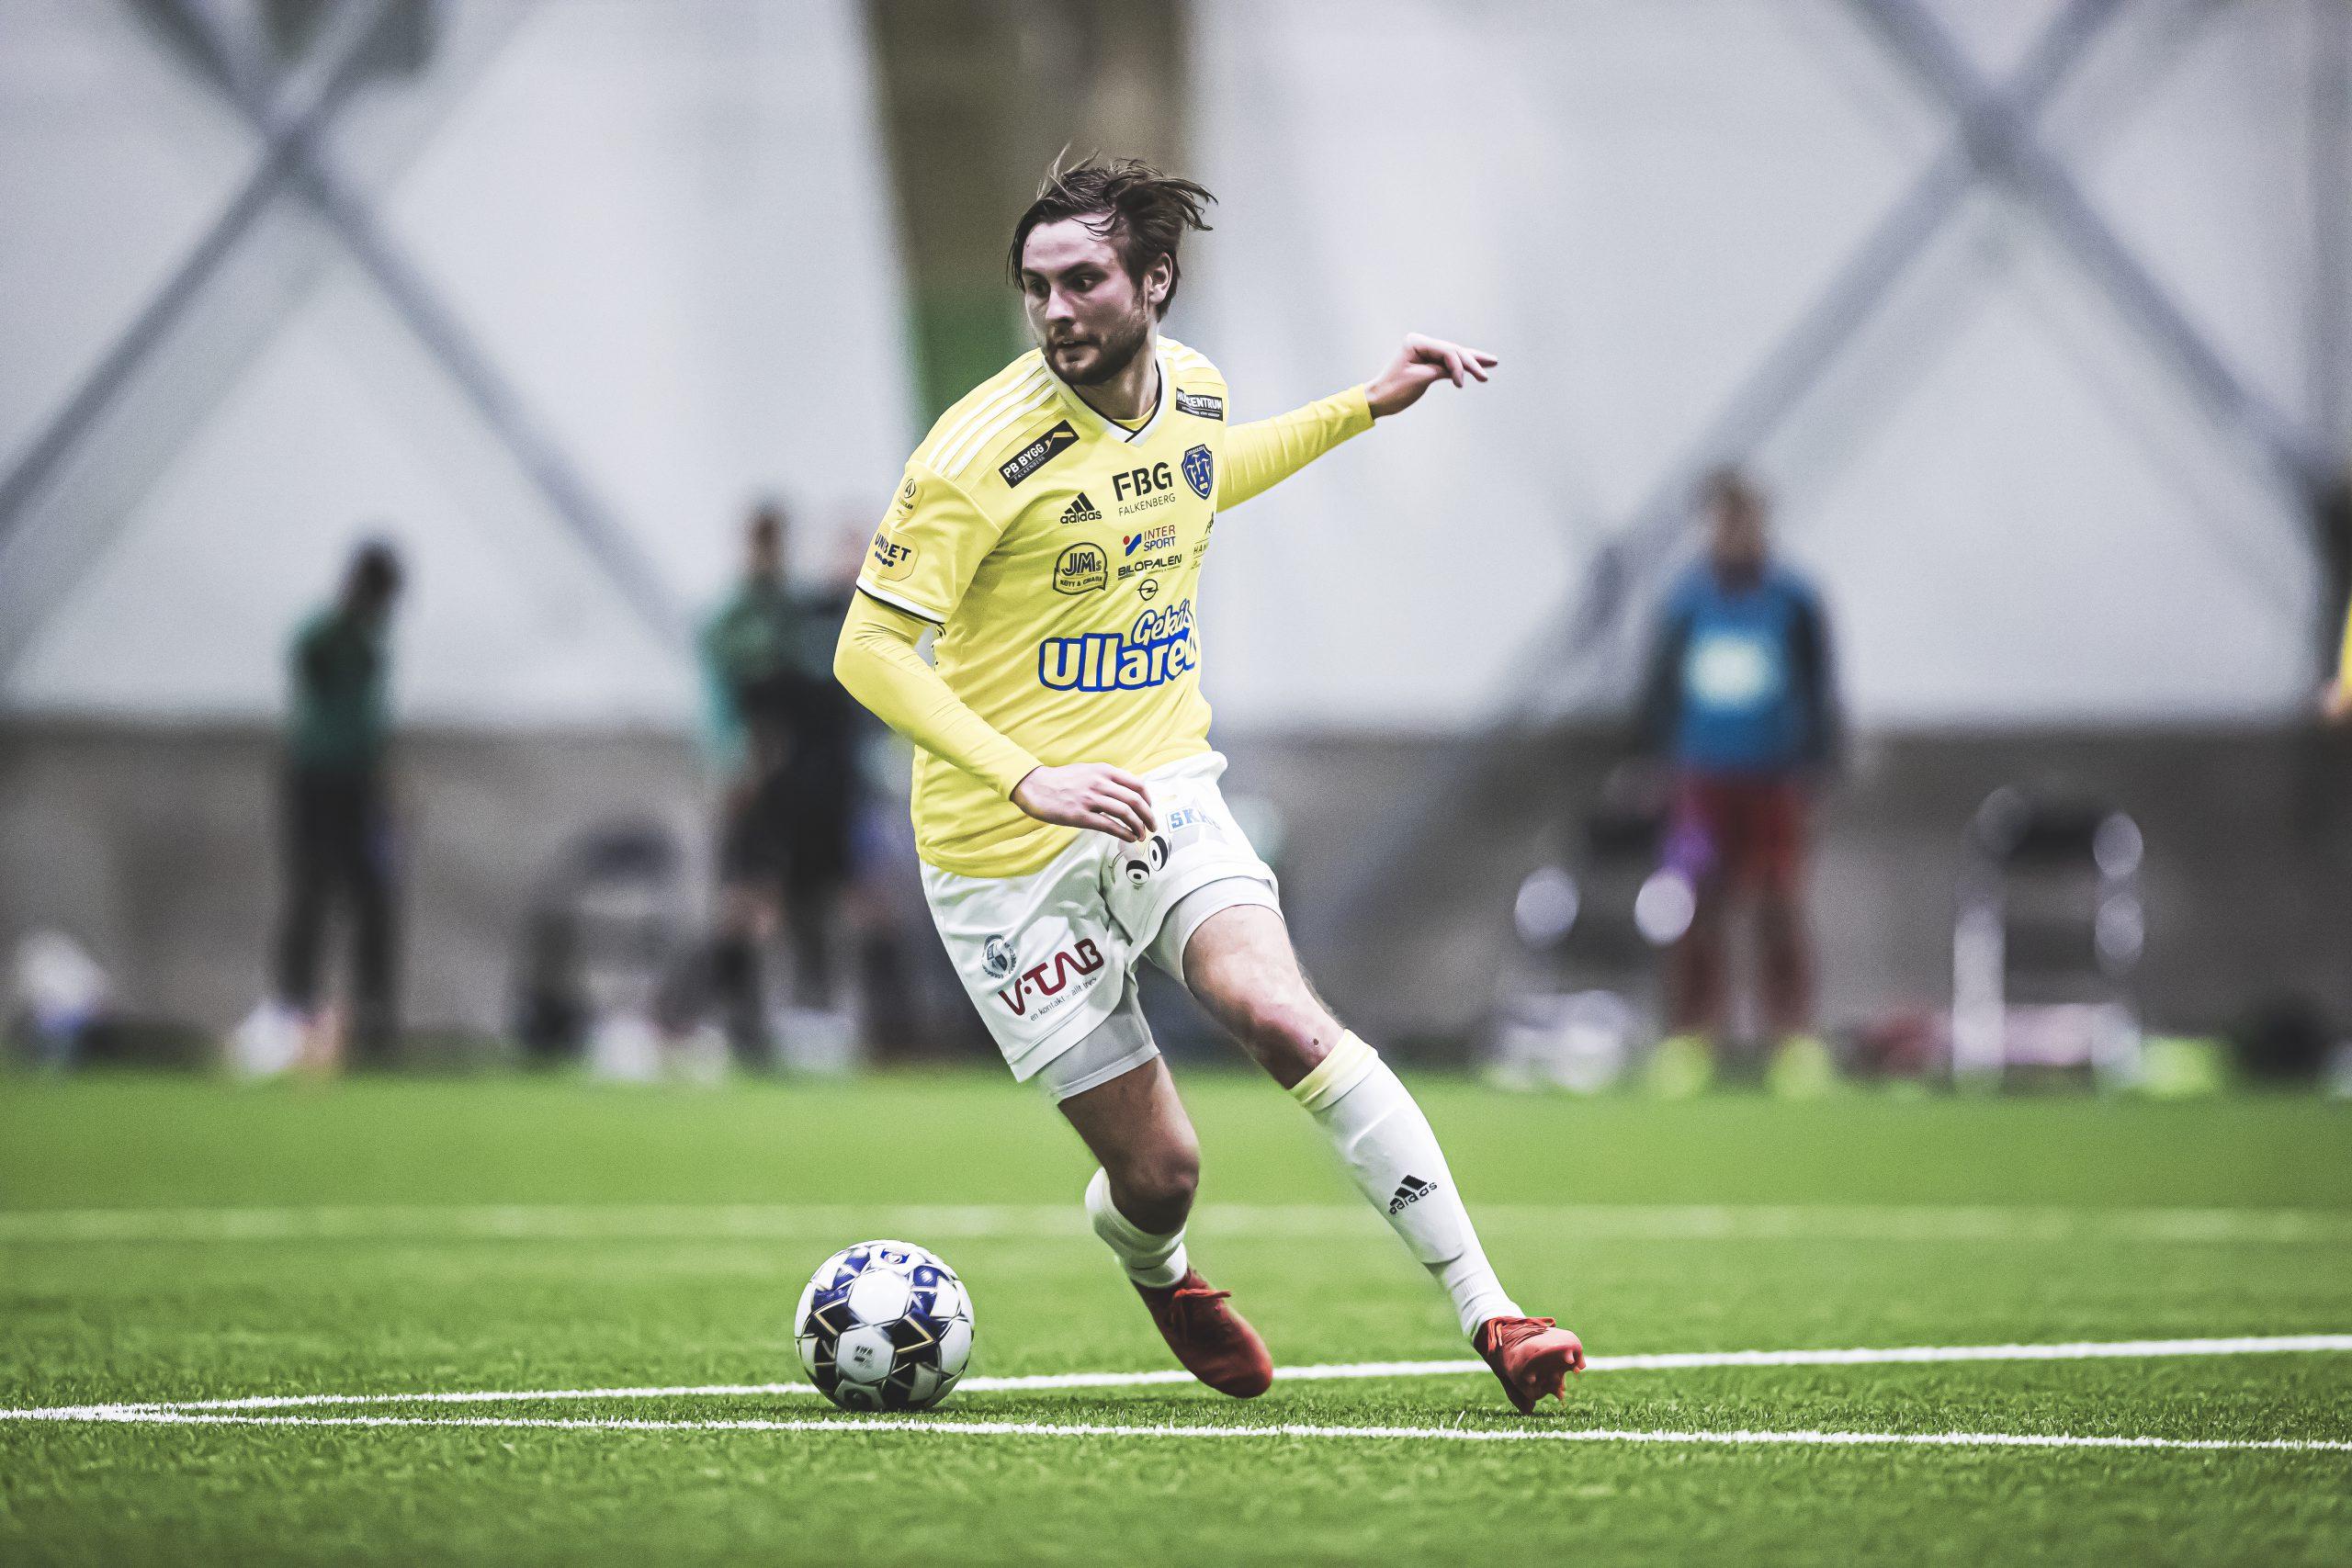 Kalle och Axel målade i U21-seger